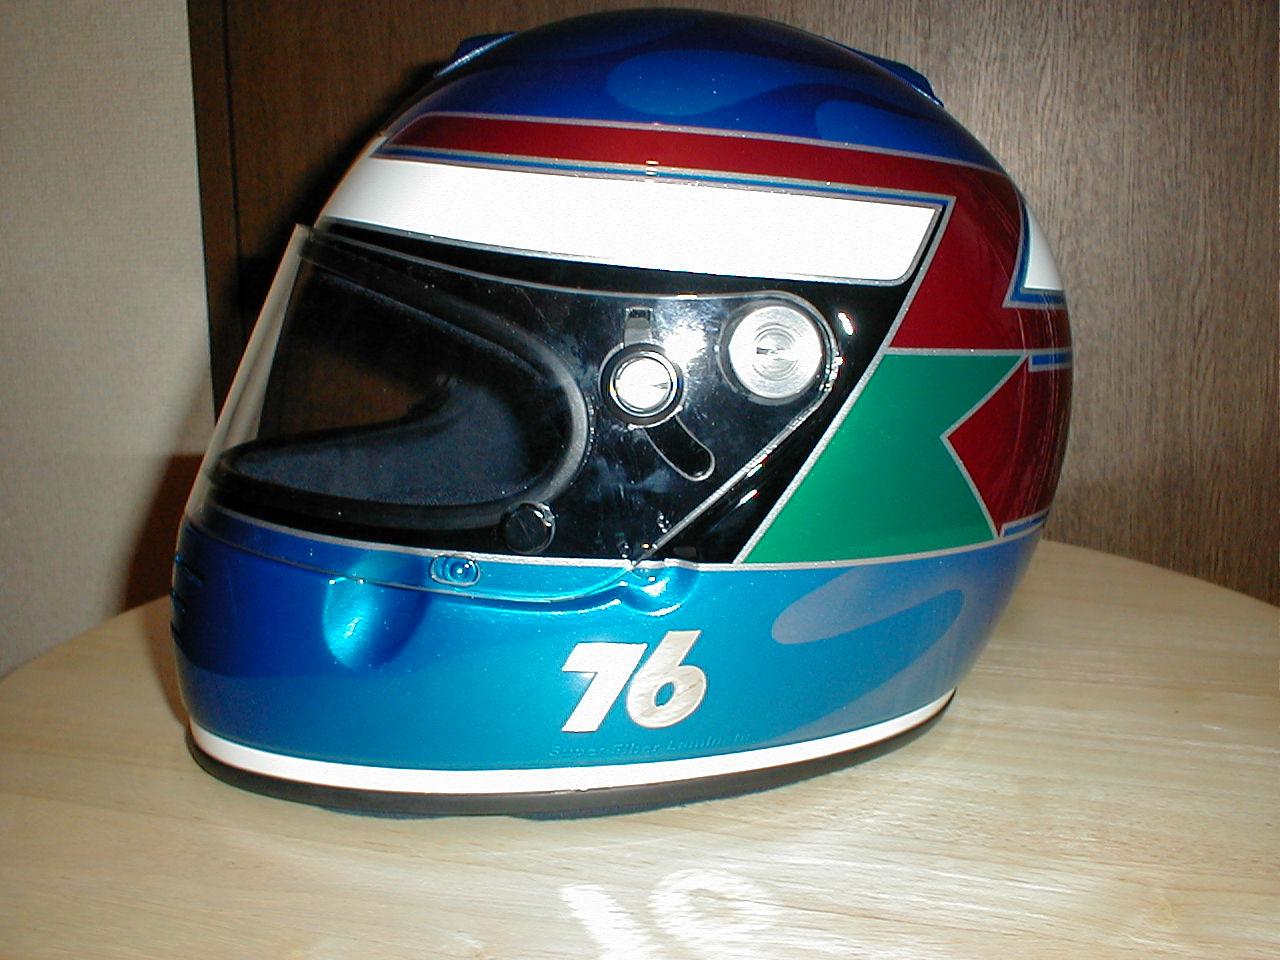 四輪・レース用デザインヘルメット第4弾。『76号車』